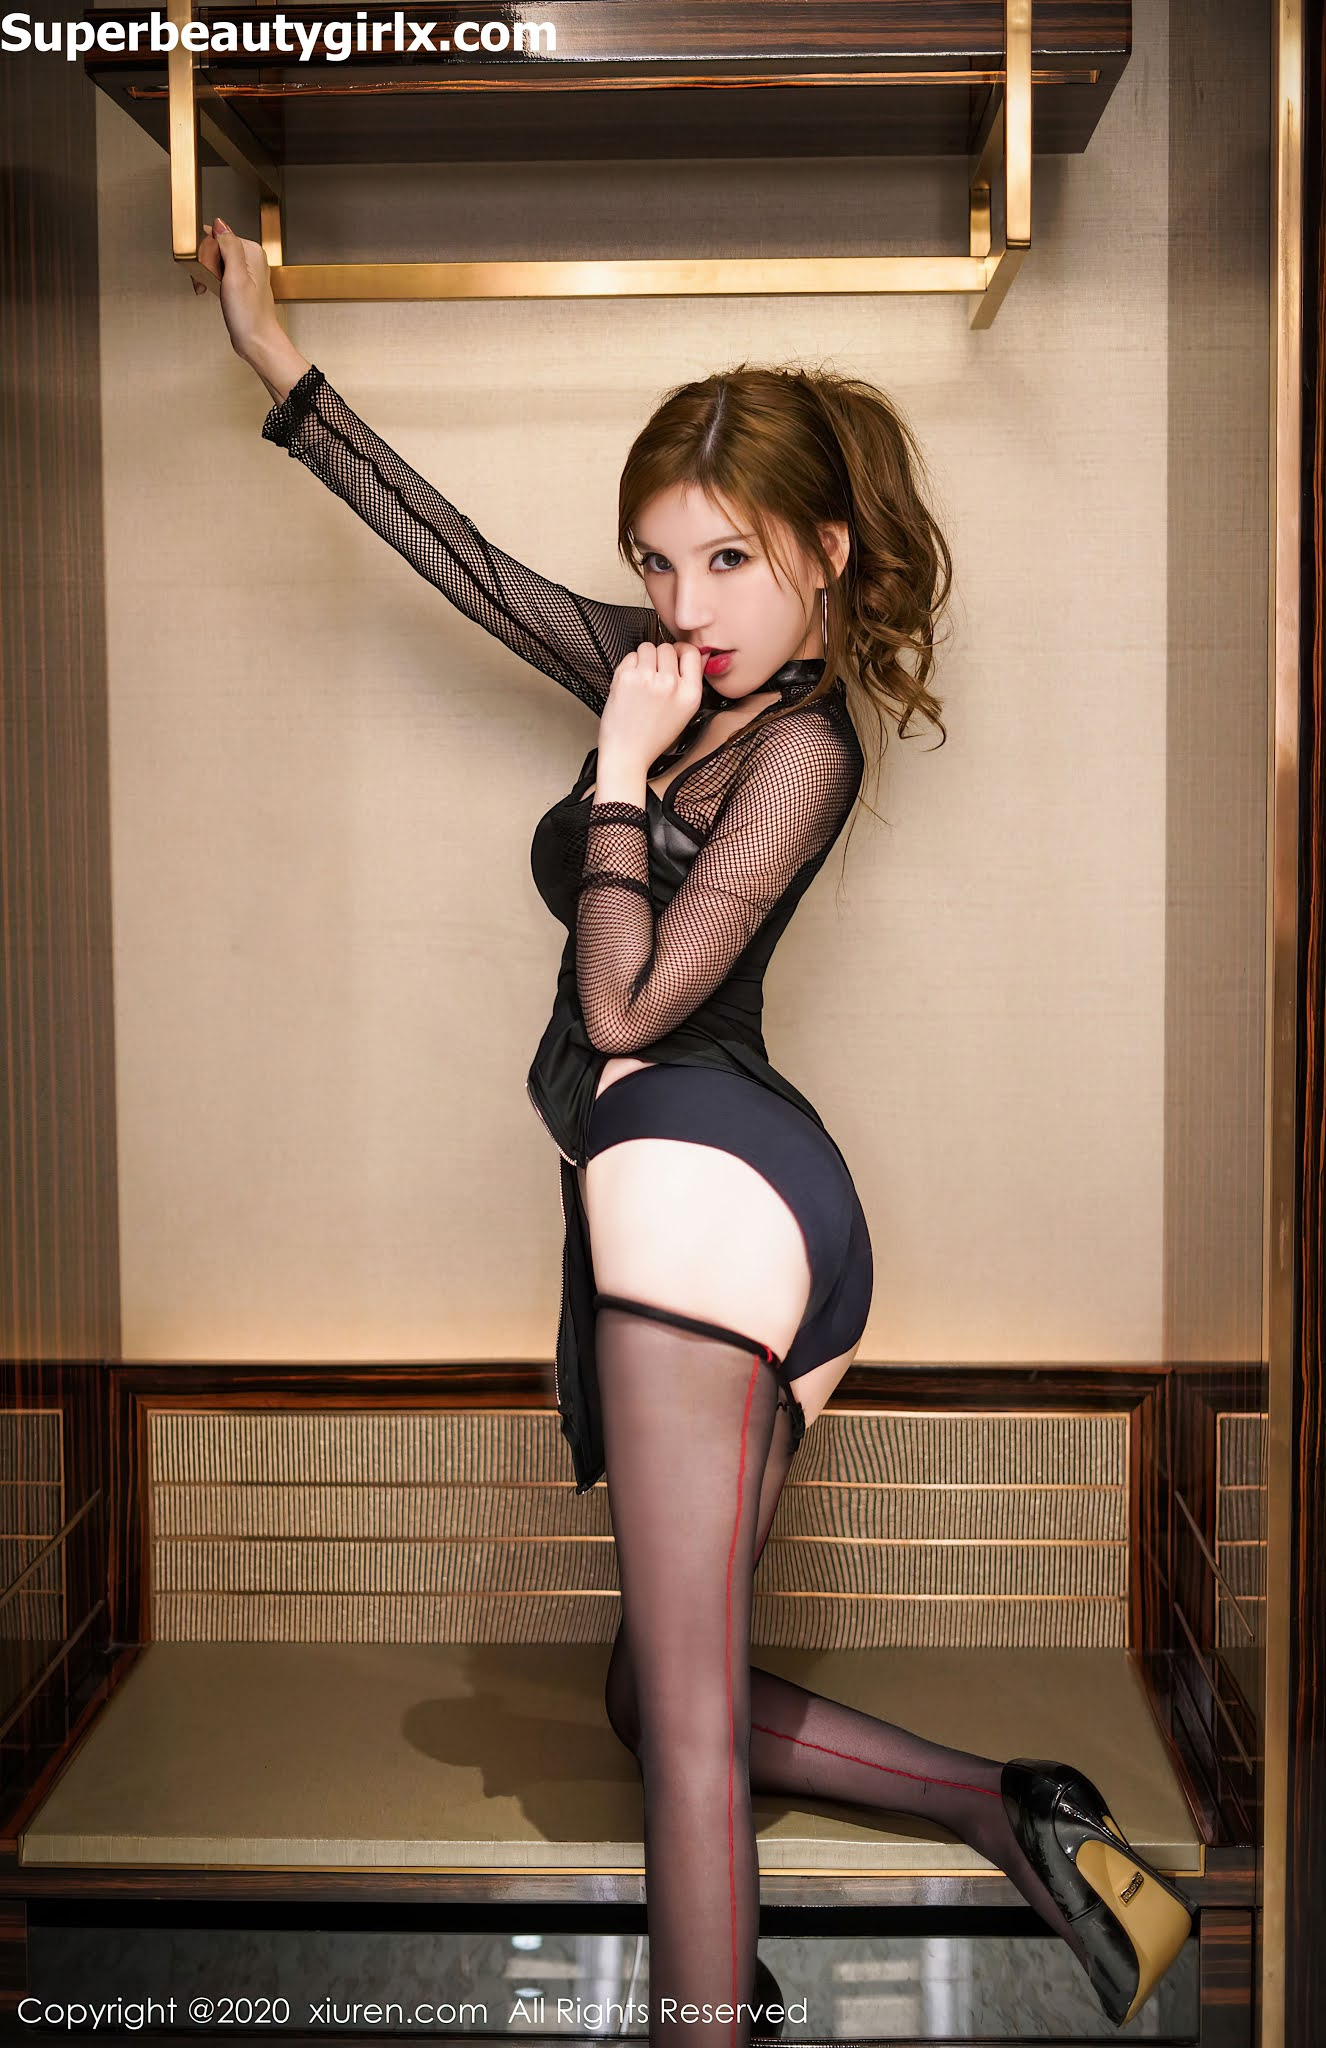 XIUREN-No.2858-Zhou-Yuxi-Sandy-Superbeautygirlx.com